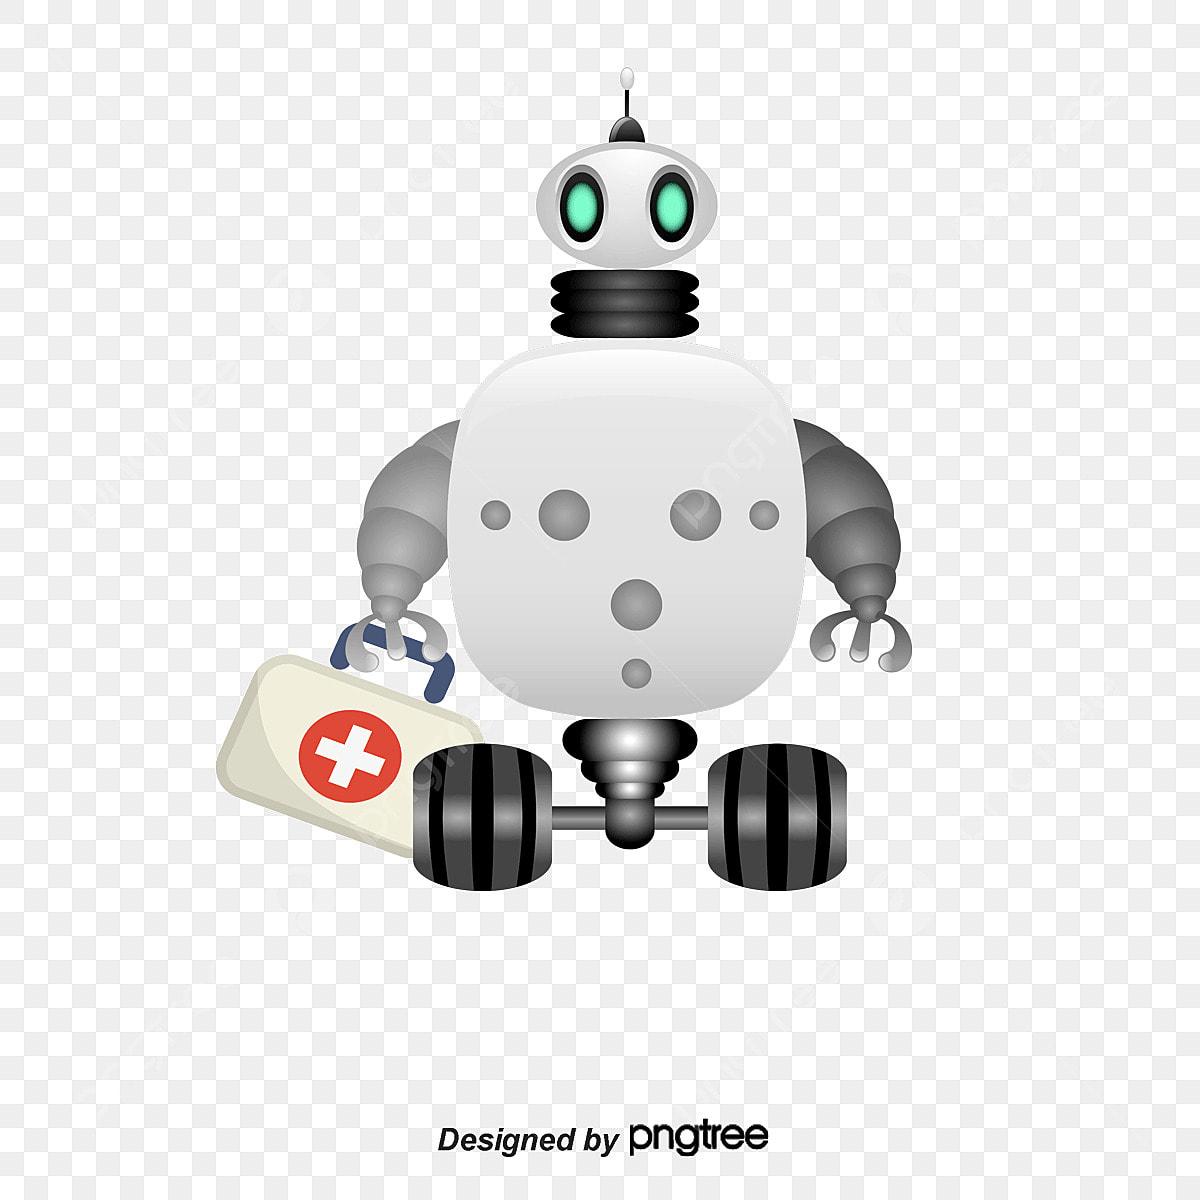 714cd5a76 الطبيب الأبيض روبوت الأطباء الروبوت مستشفى PNG وملف PSD للتحميل مجانا